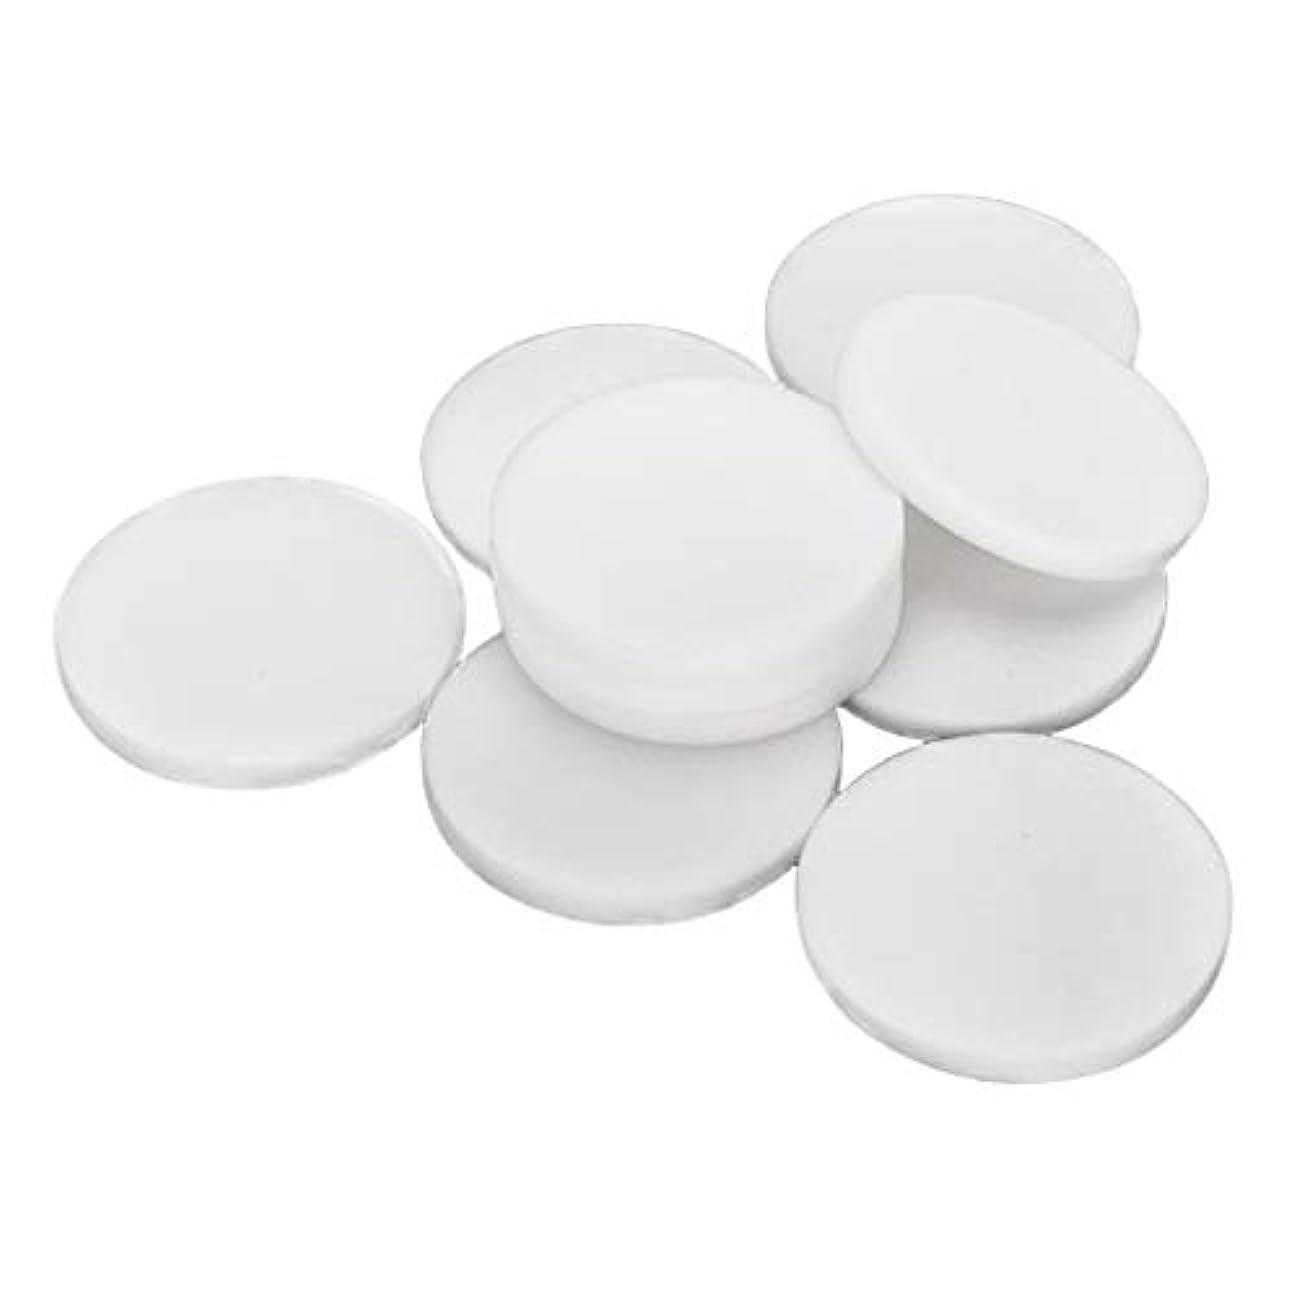 特徴づける小川感度10枚 使い捨て フェイスクリーニングパフ 洗顔 化粧 メイクアップパフ 2サイズ選べ - 大